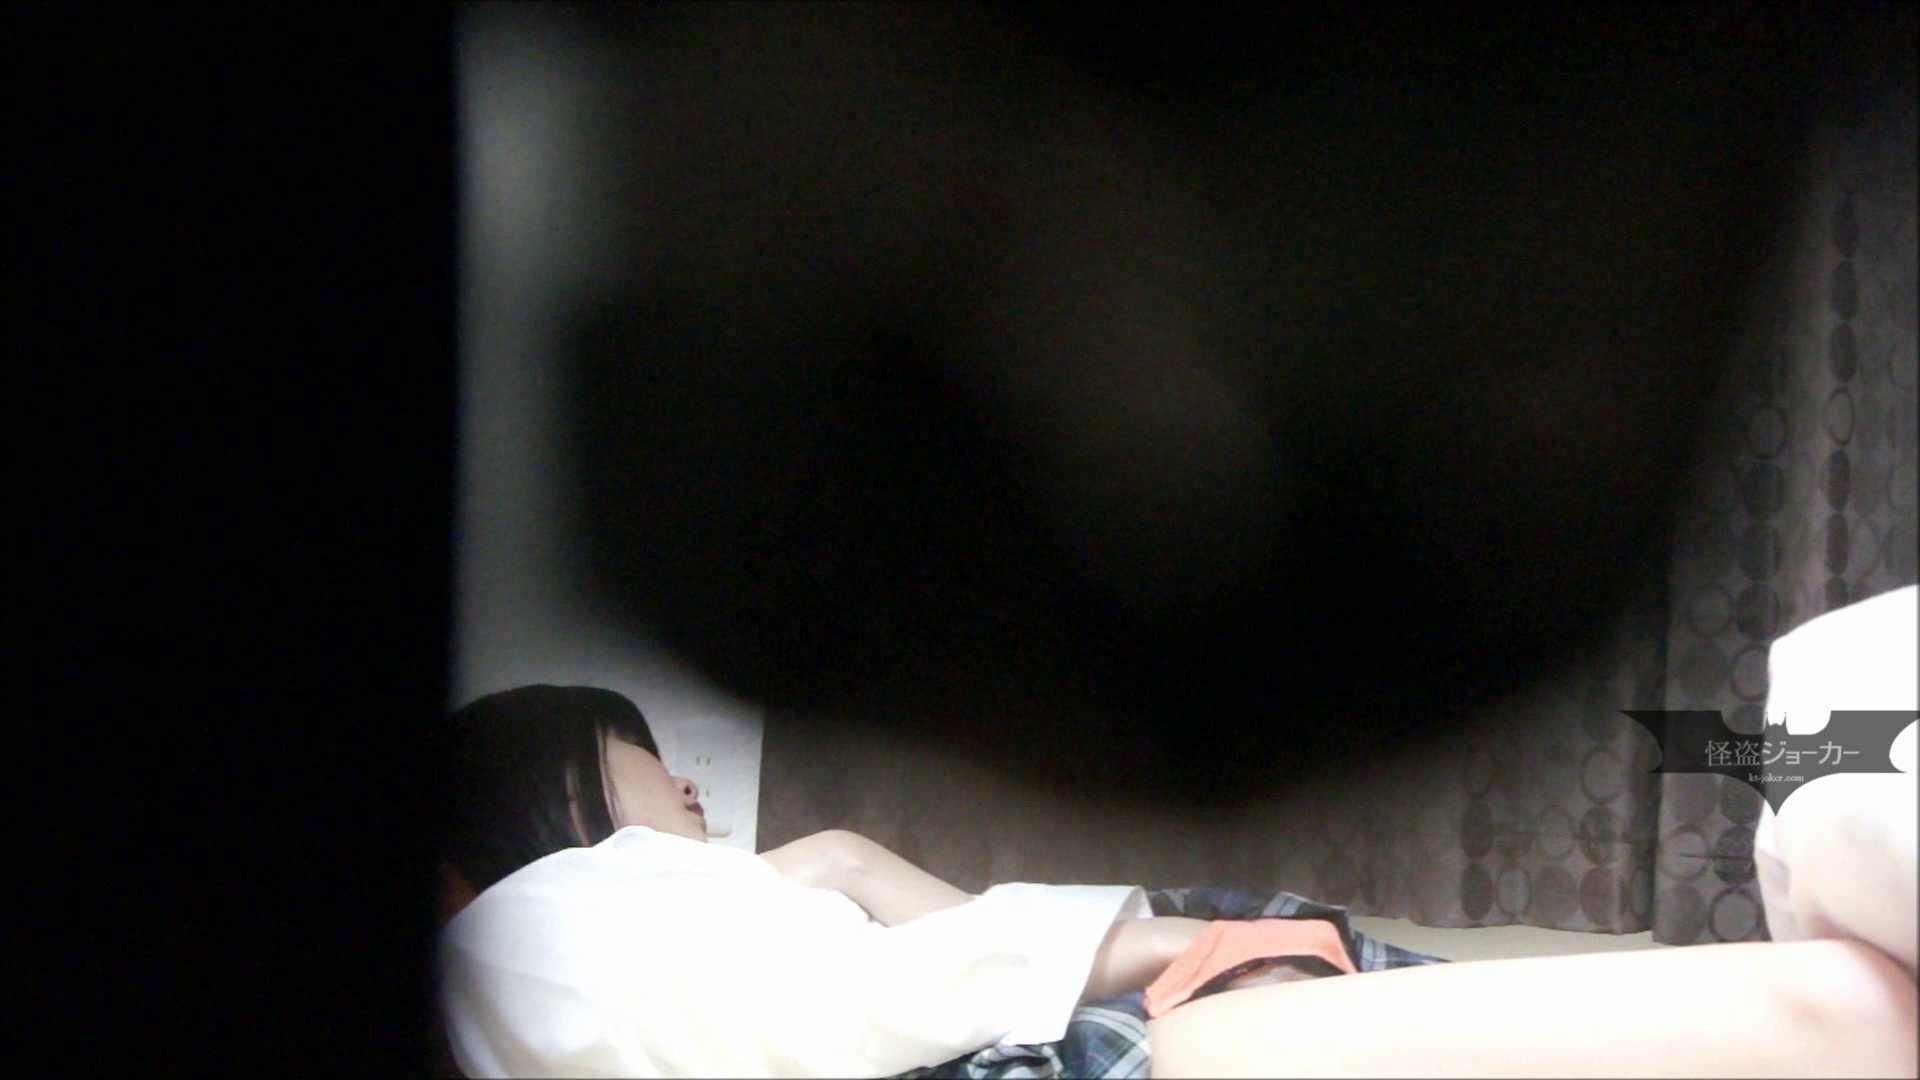 【未公開】vol.54【小春】脱衣所とオナニー隠し撮り オナニー  92pic 40